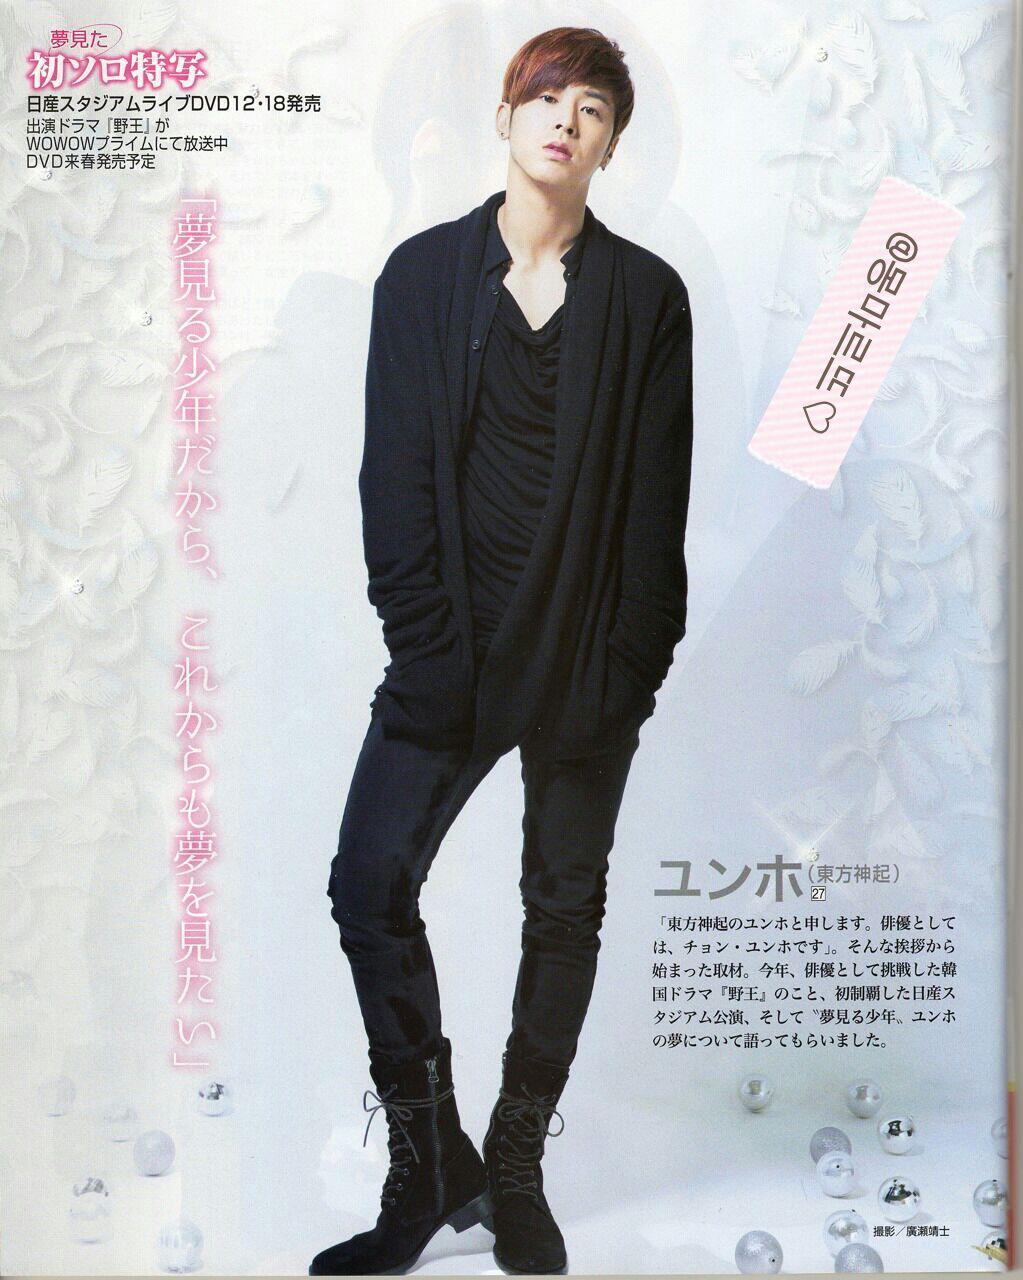 Japanese weekly magazine